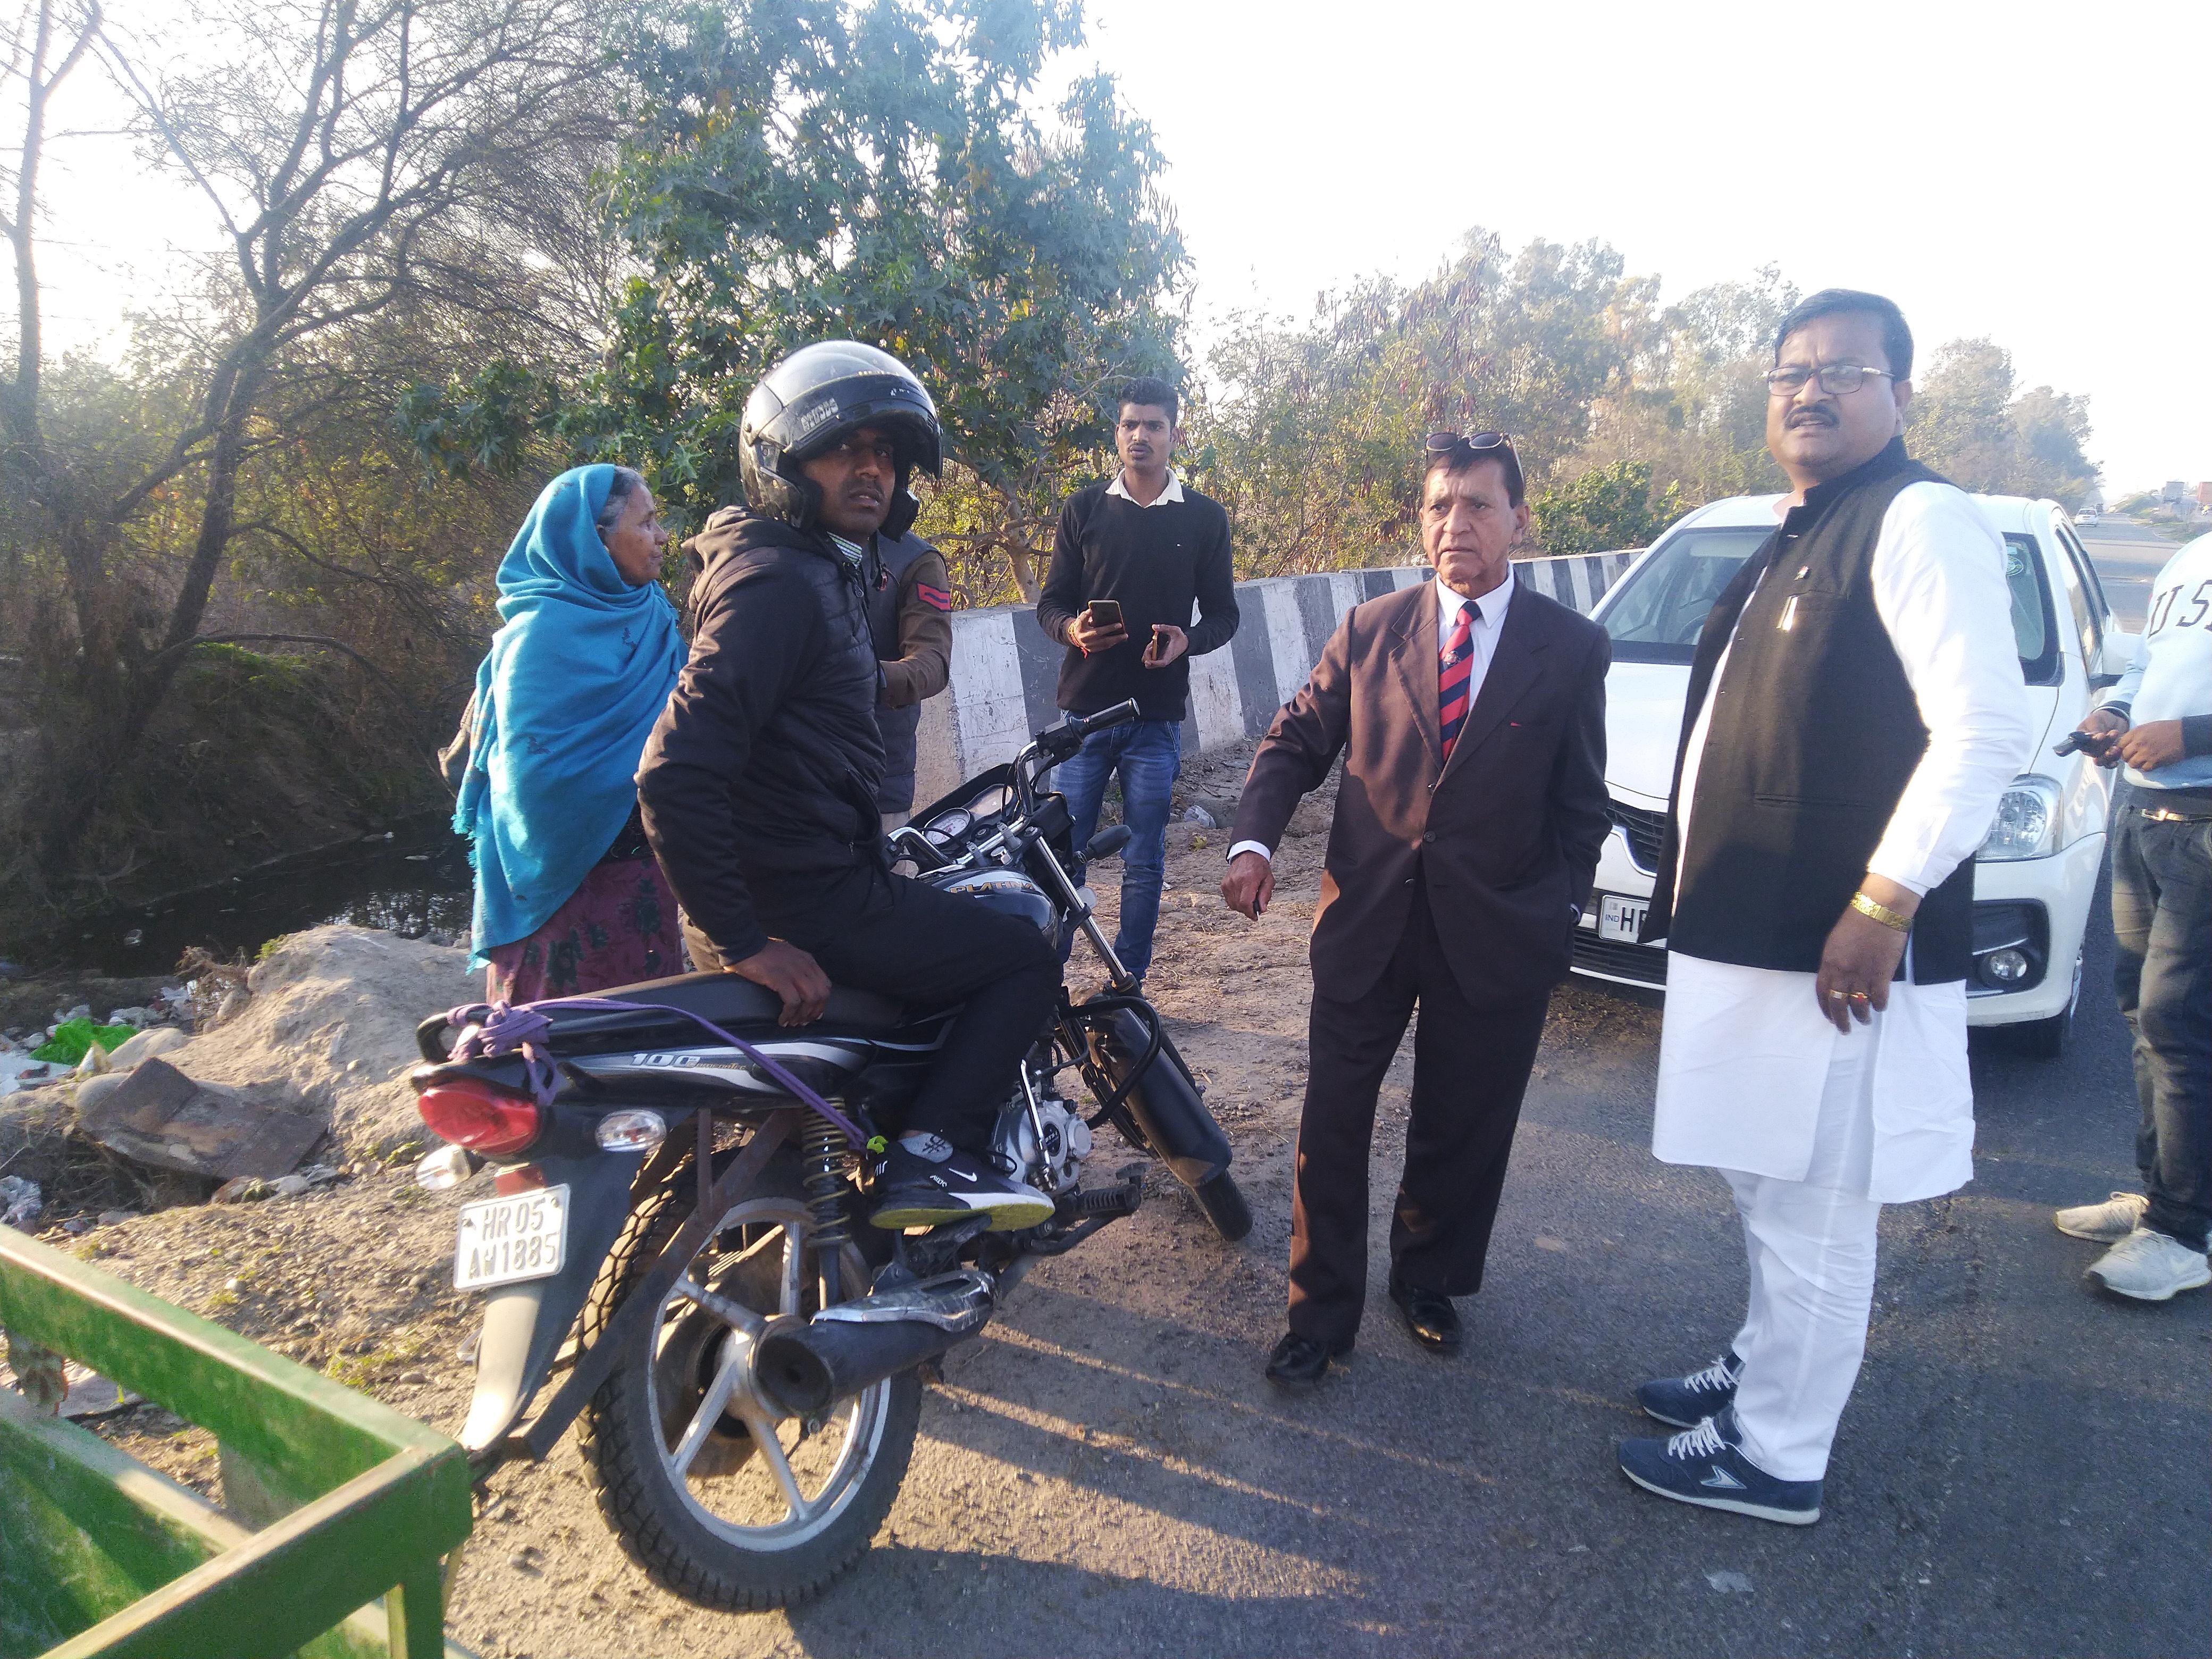 राष्ट्रीय राजमार्ग पर कचरा डालने पर अंतरराष्ट्रीय फ़ूड ब्रांड केएफसी को नोटिस देने के निर्देश